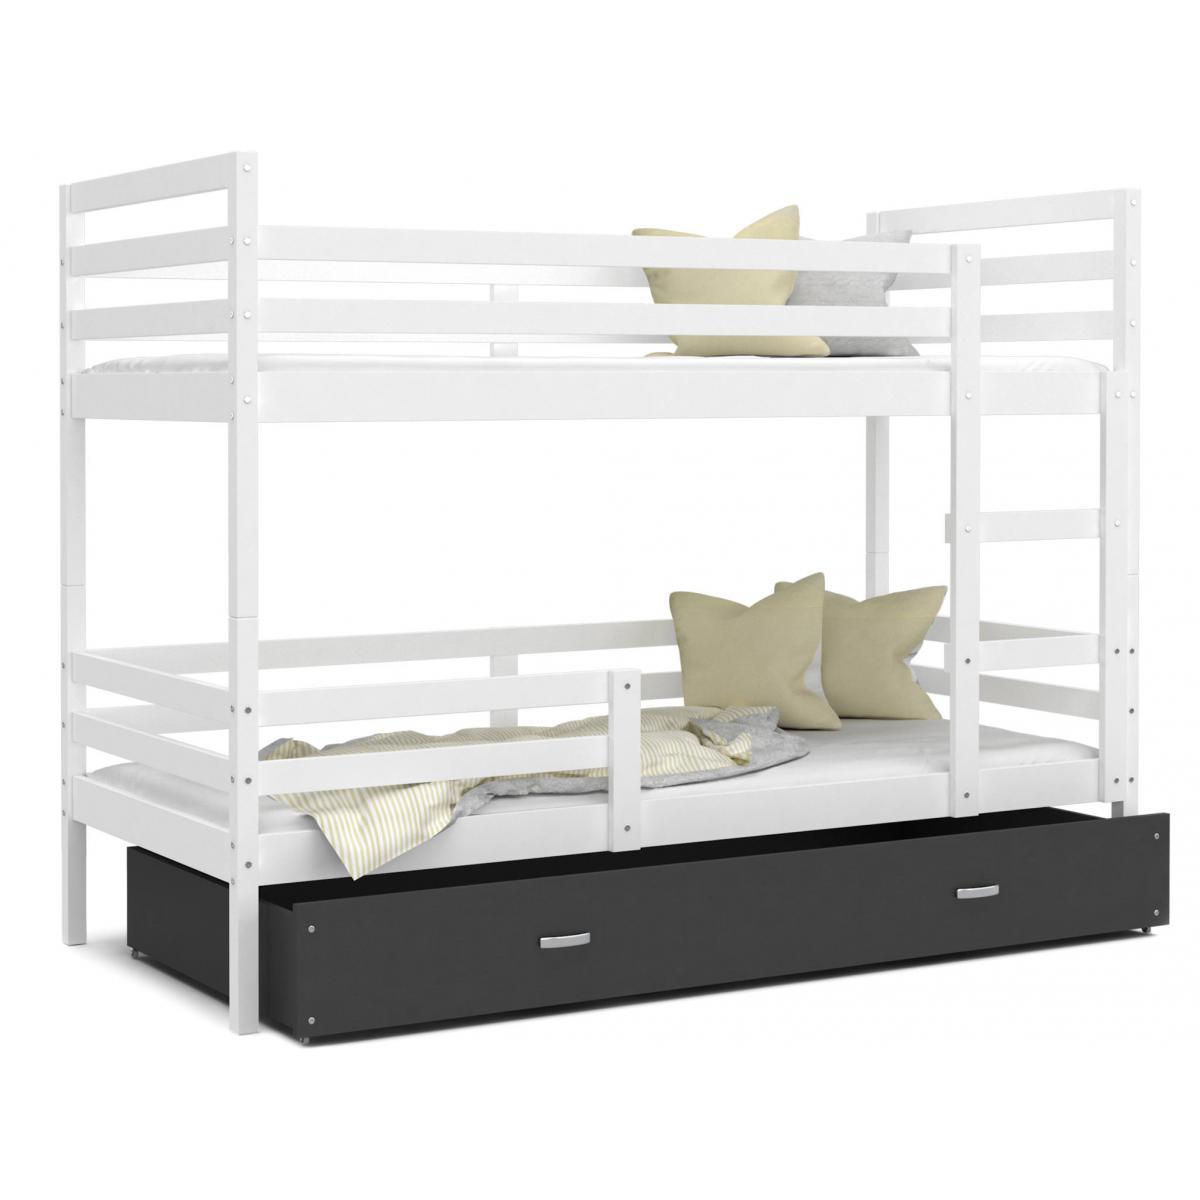 Kids Literie LIT superposé Milo 90x190 Blanc - Gris livré avec sommier, tiroir et matelas de 7cm OFFERT.